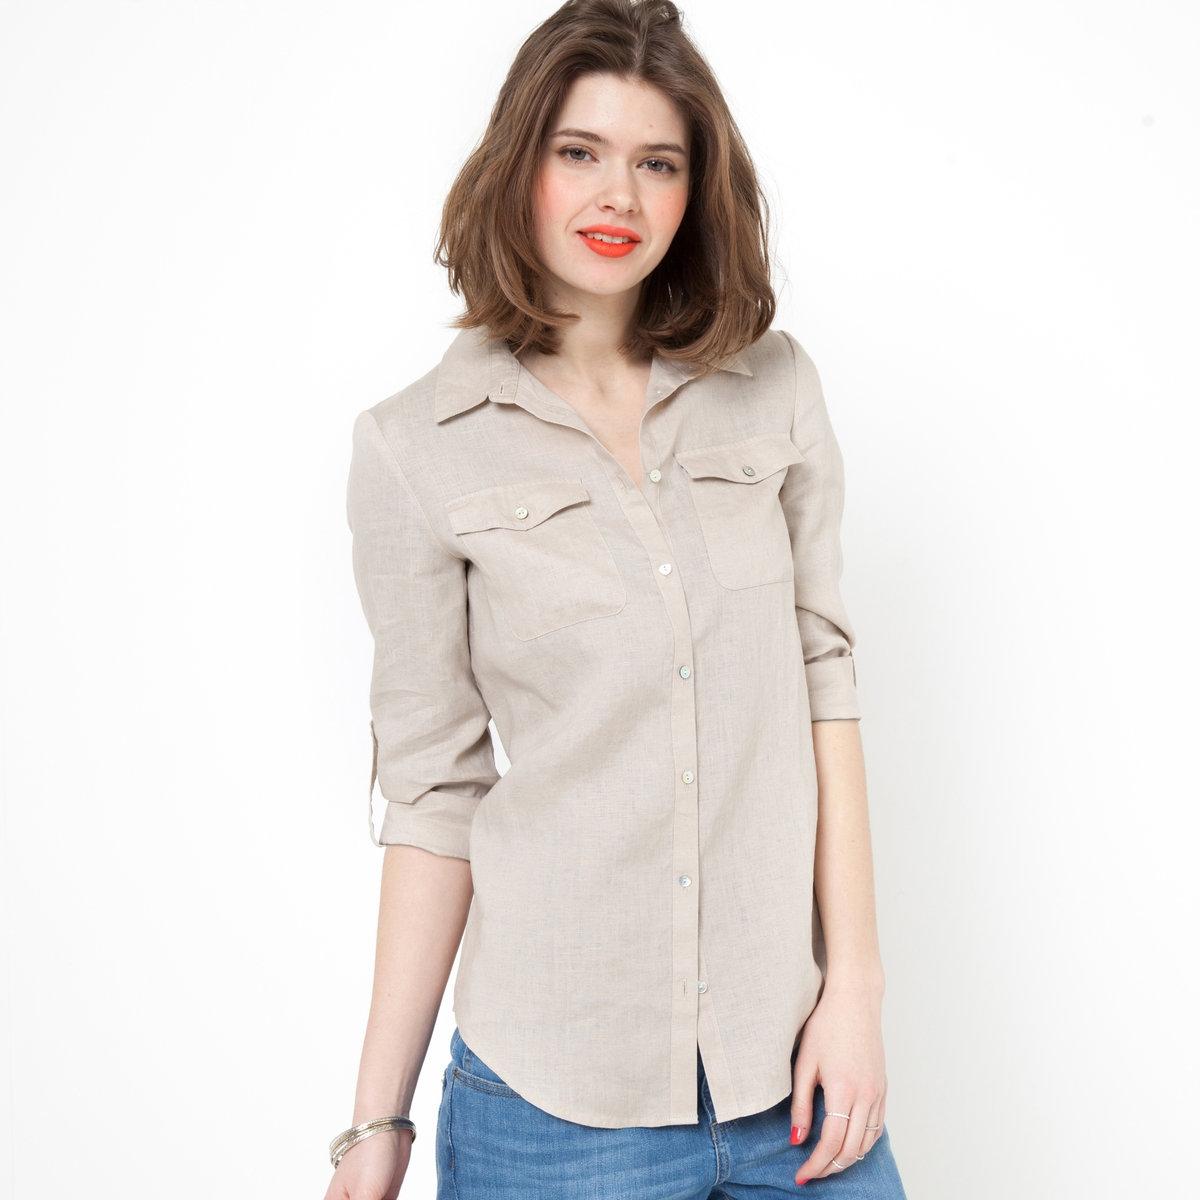 Рубашка с длинными рукавами, 100% ленРубашка из 100% льна. Длинные рукава можно отворачивать. Низ рукавов с пуговицами. Накладные карманы с клапанами на пуговицах. Закругленный низ. Длина ок.67 см.<br><br>Цвет: серо-бежевый<br>Размер: 46 (FR) - 52 (RUS)